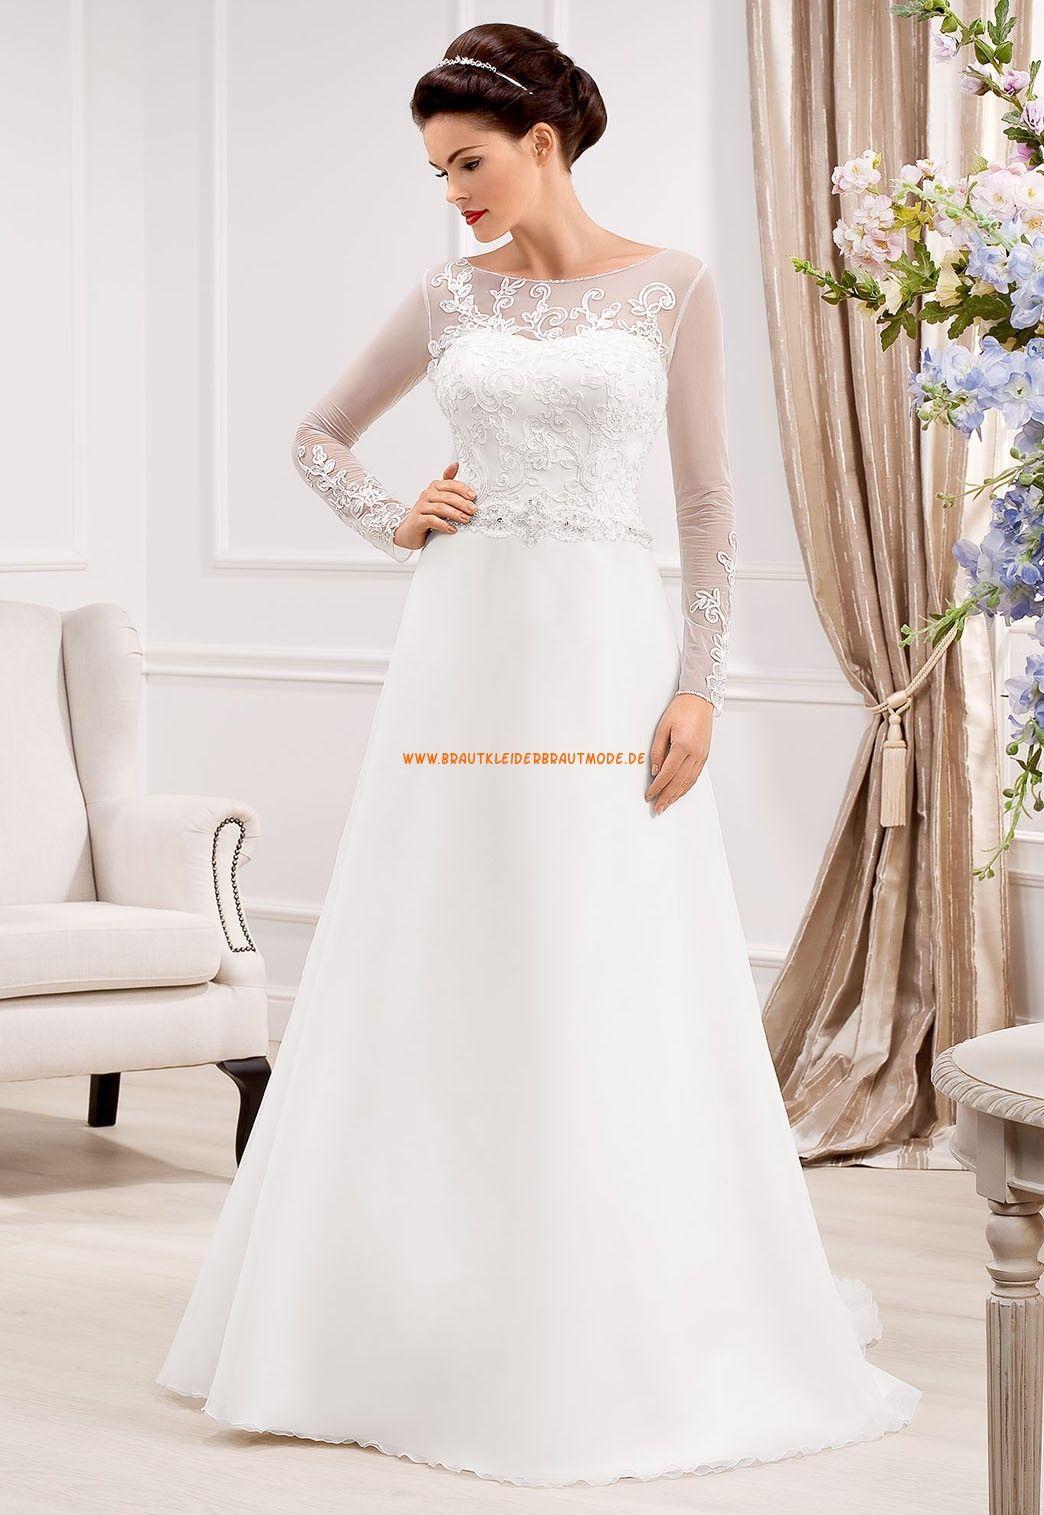 A-linie Edle Tolle Hochzeitskleider aus Organza | Brautkleid ...